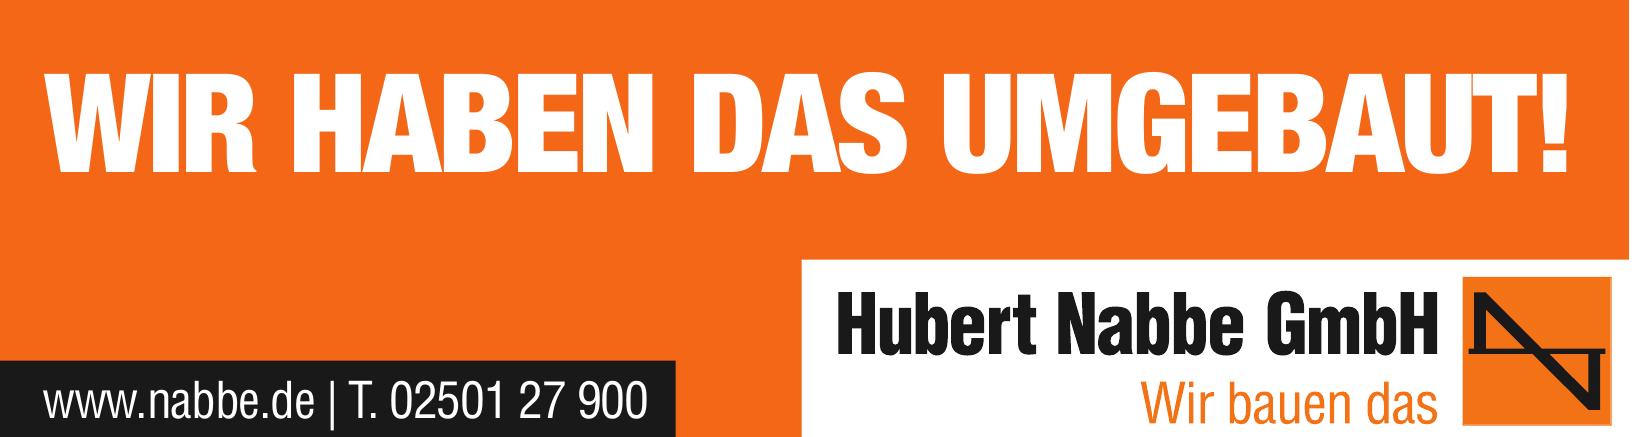 Hubert Nabbe GmbH